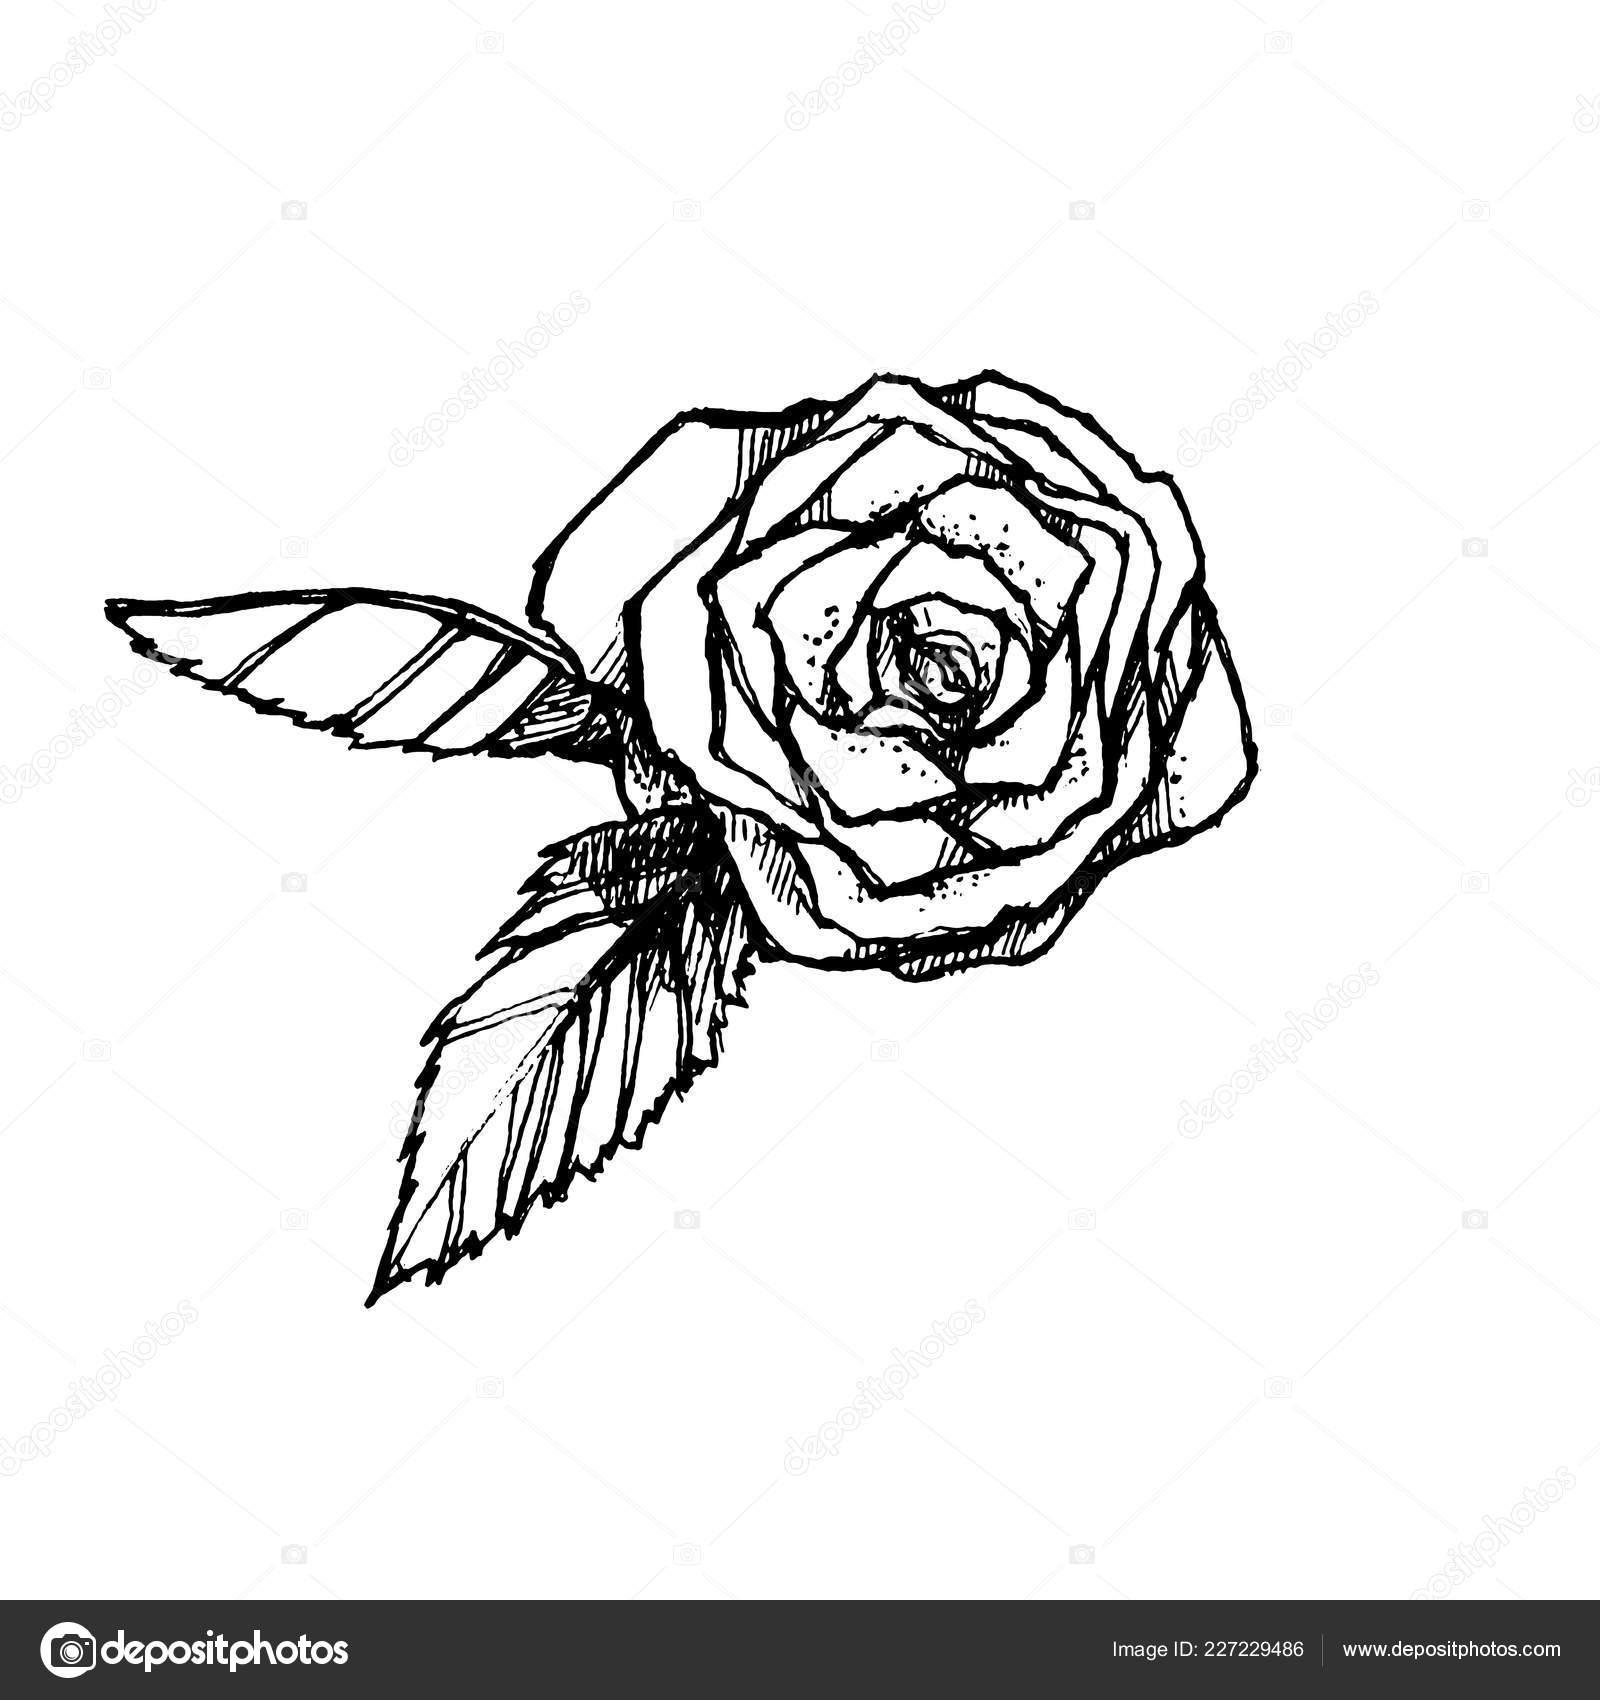 Disegnato Mano Bianco Nero Rosa Isolato Sfondo Bianco Elemento